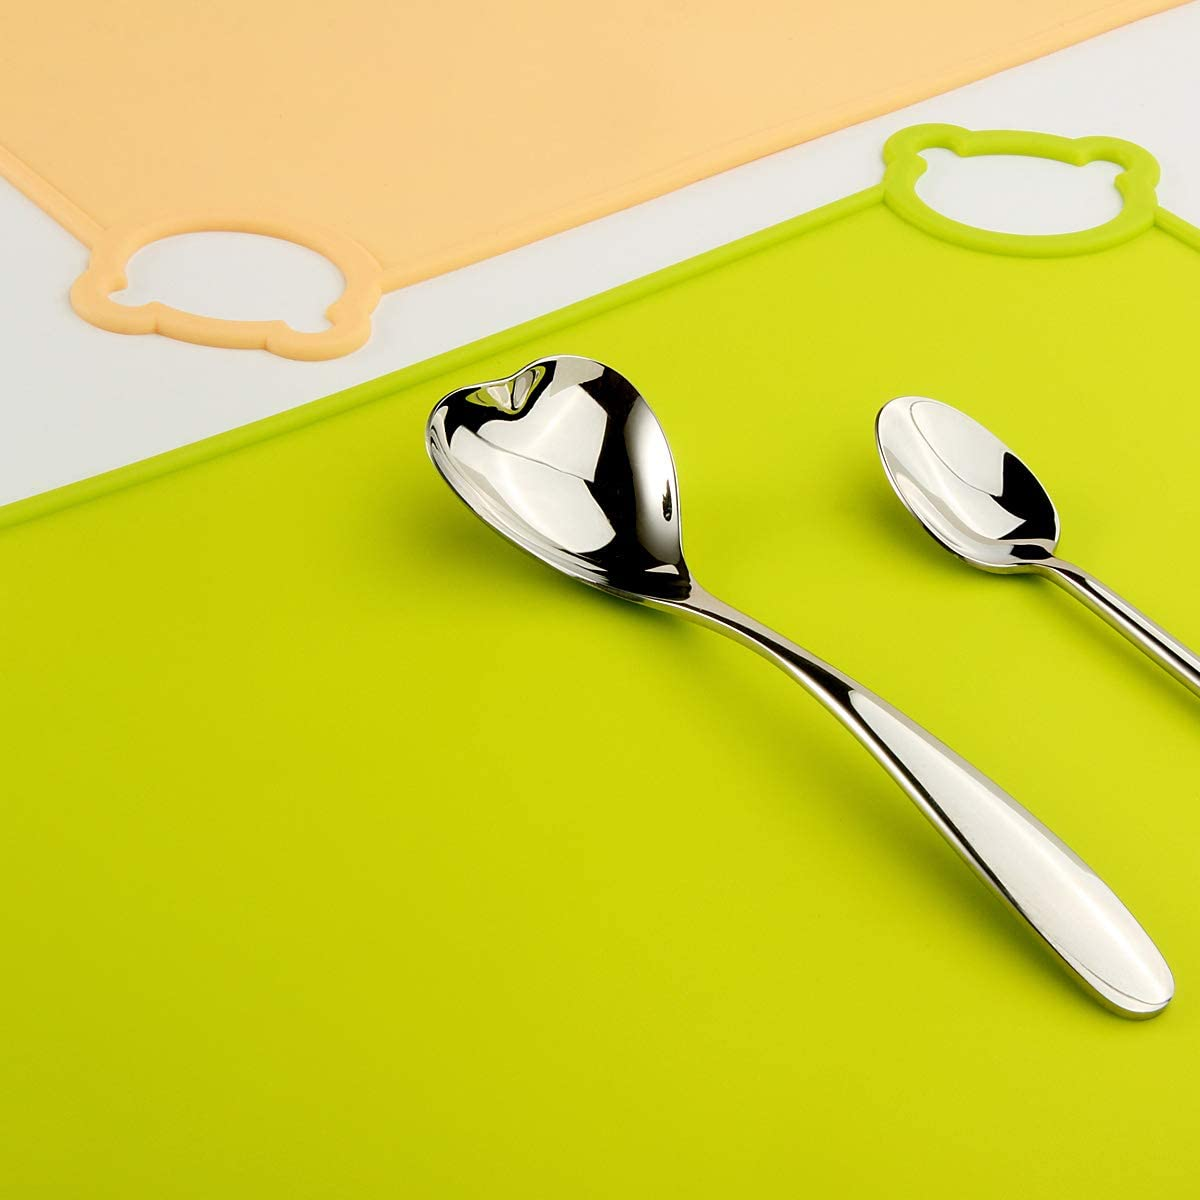 surface antid/érapante faciles /à nettoyer Bleu Napperons de qualit/é alimentaire pour voyages portables JYKJ Napperons en silicone pour b/éb/és enfants bords relev/és va au lave-vaisselle